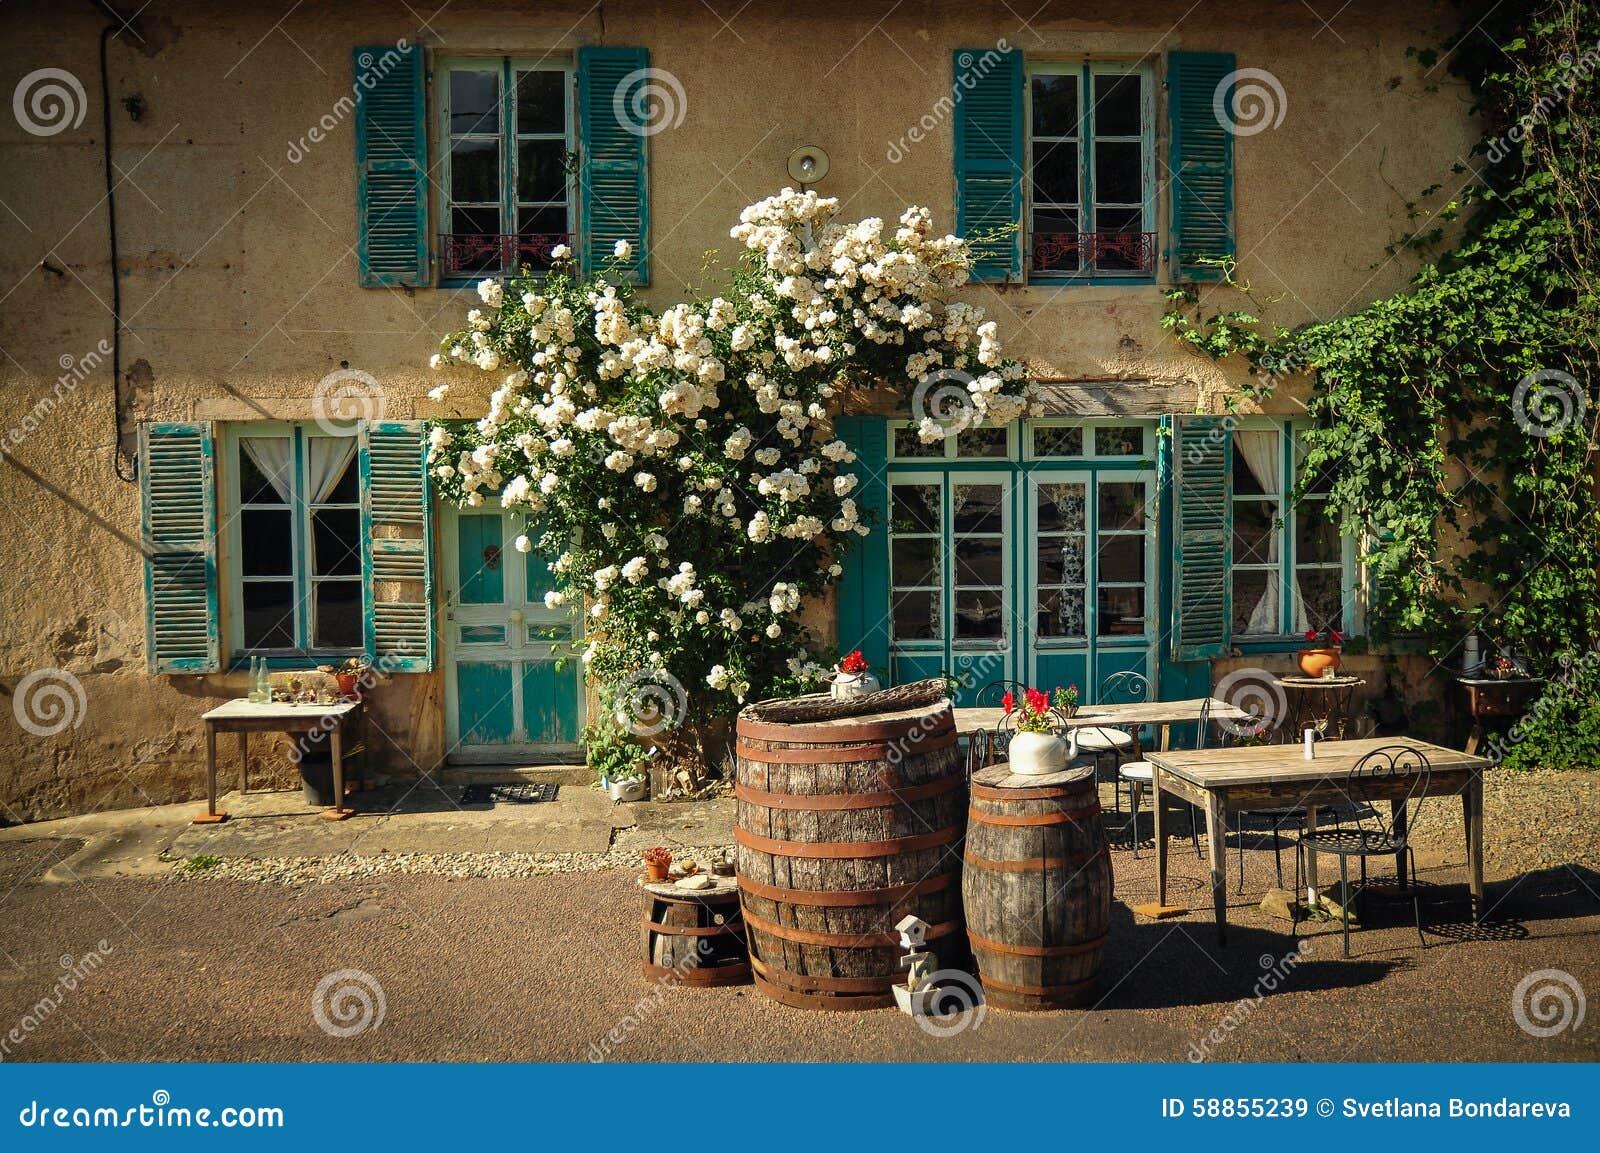 La maison francais french house